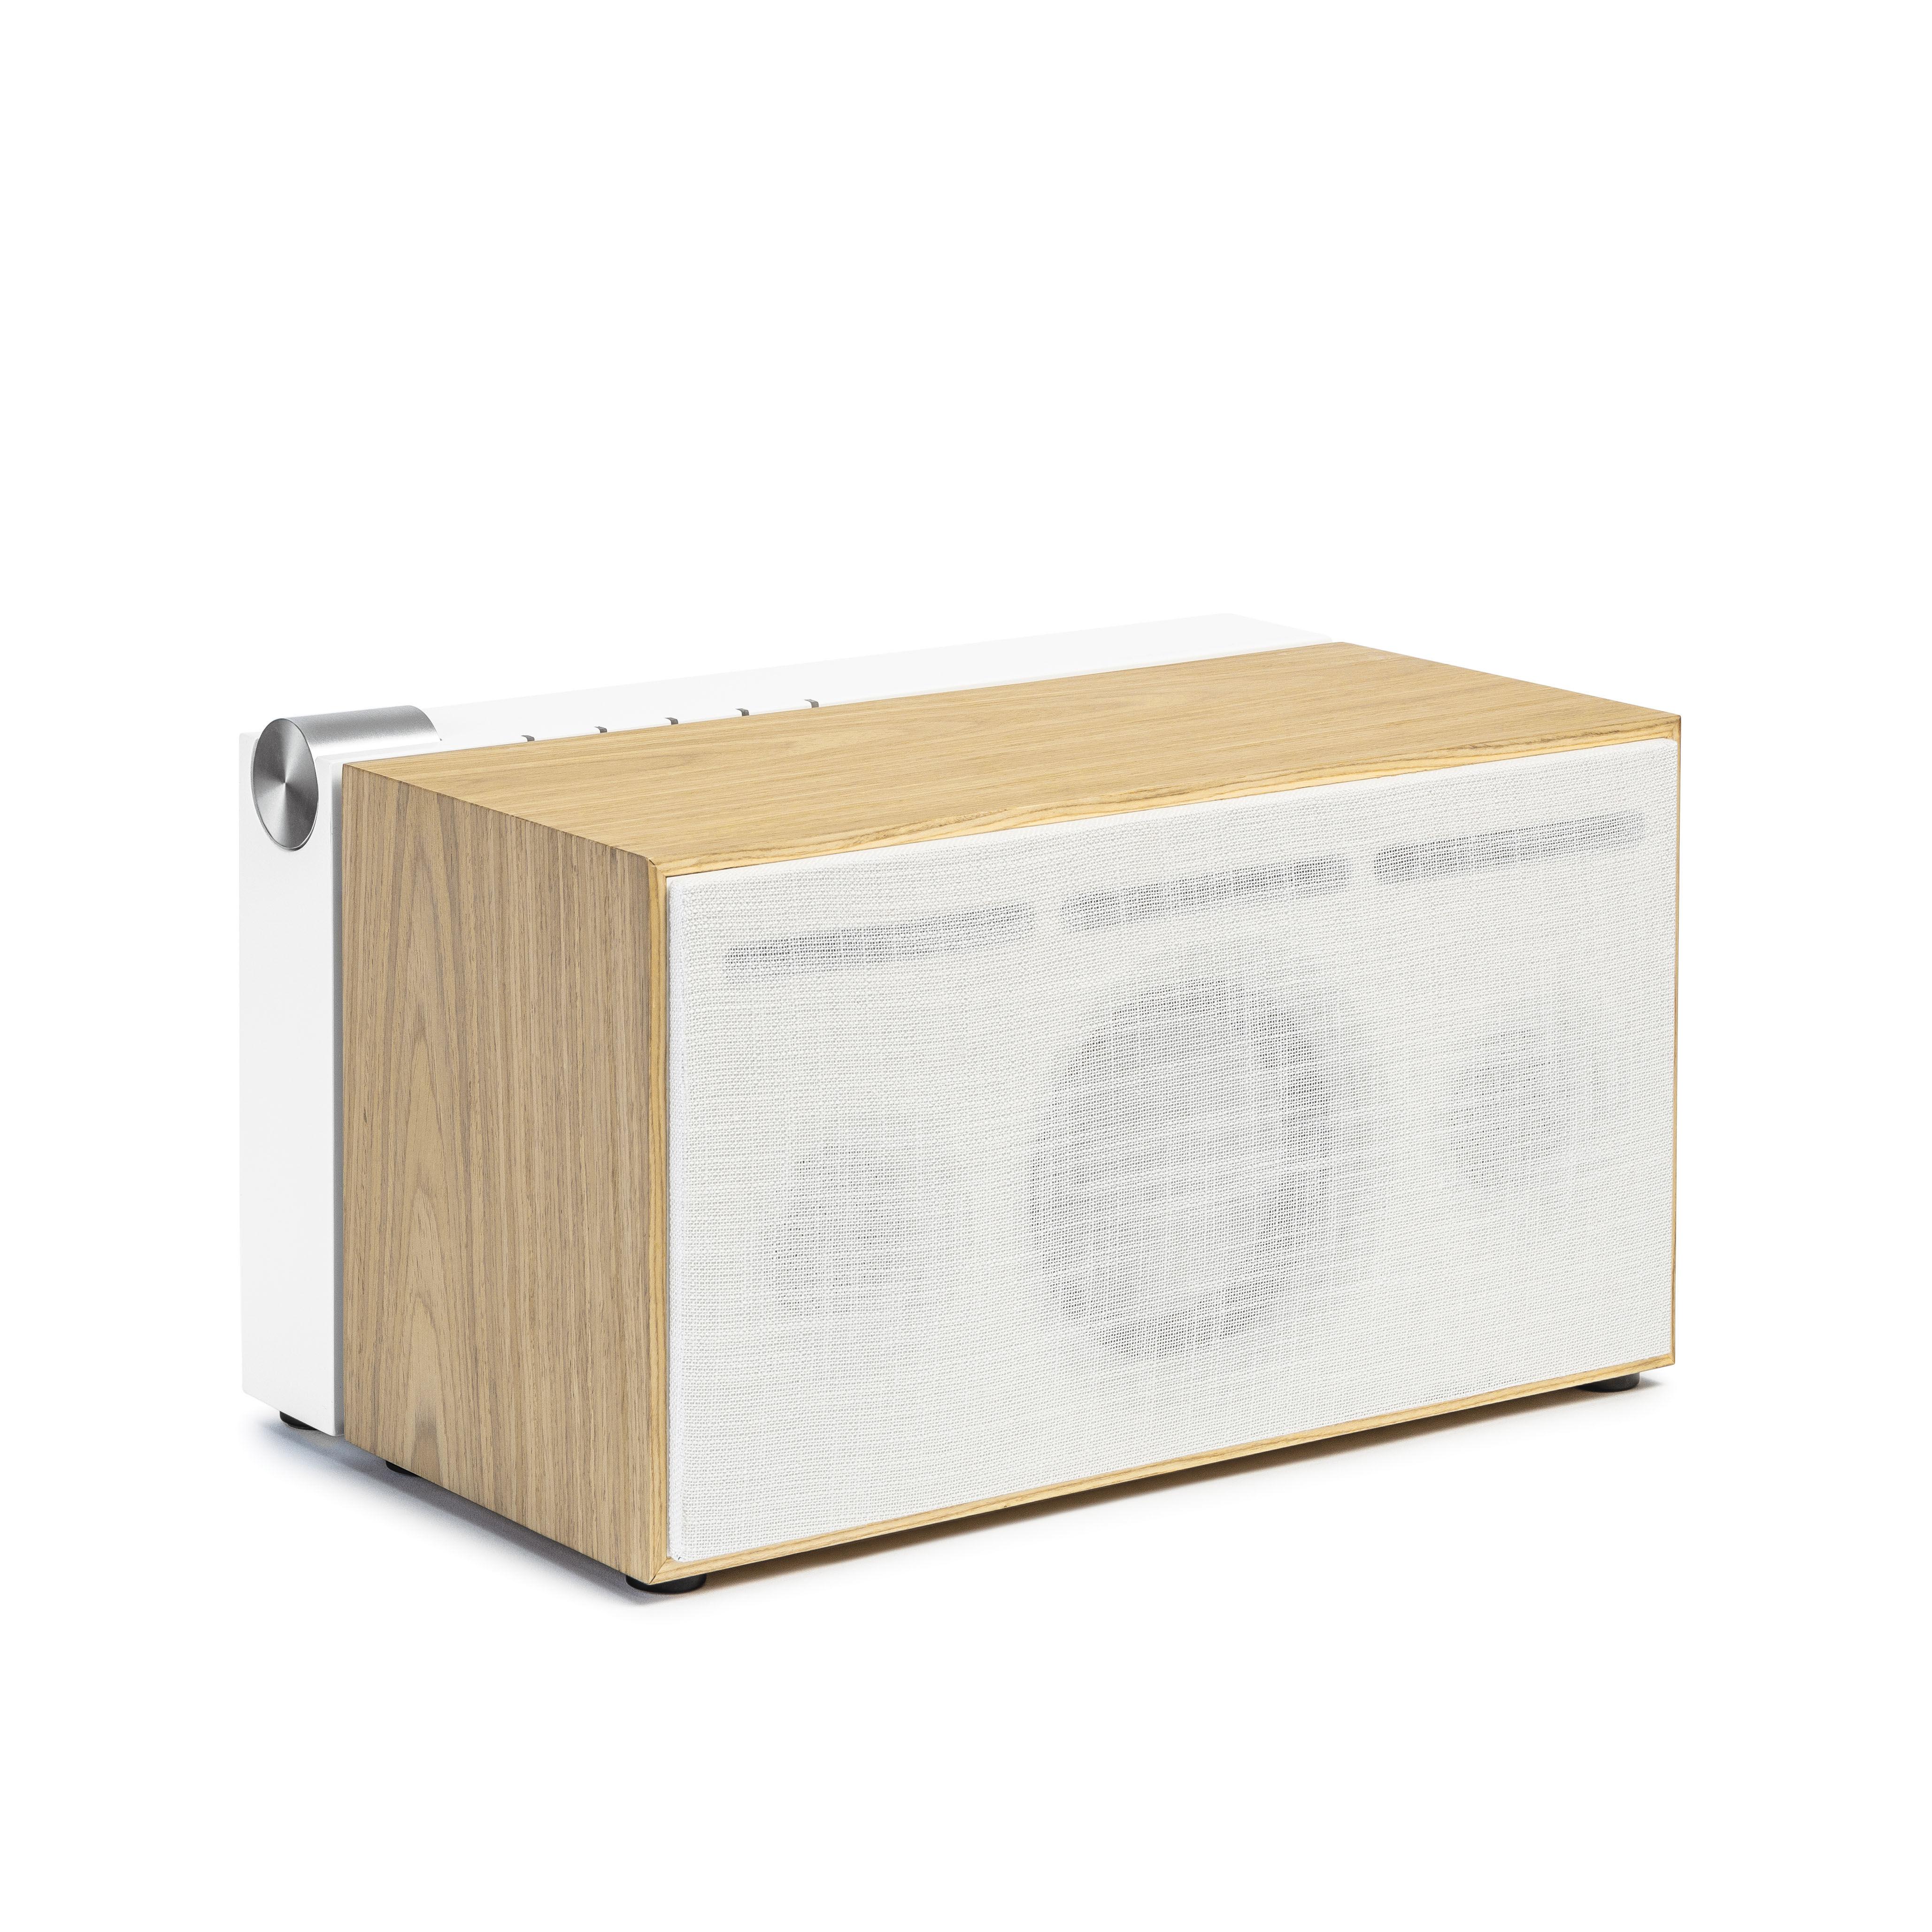 Accessoires - Enceintes audio & son - Enceinte Bluetooth PR 01 / Avec technologie Active Pression Reflex - La Boîte Concept - Blanc & chêne - Aluminium, Chêne massif, Tissu